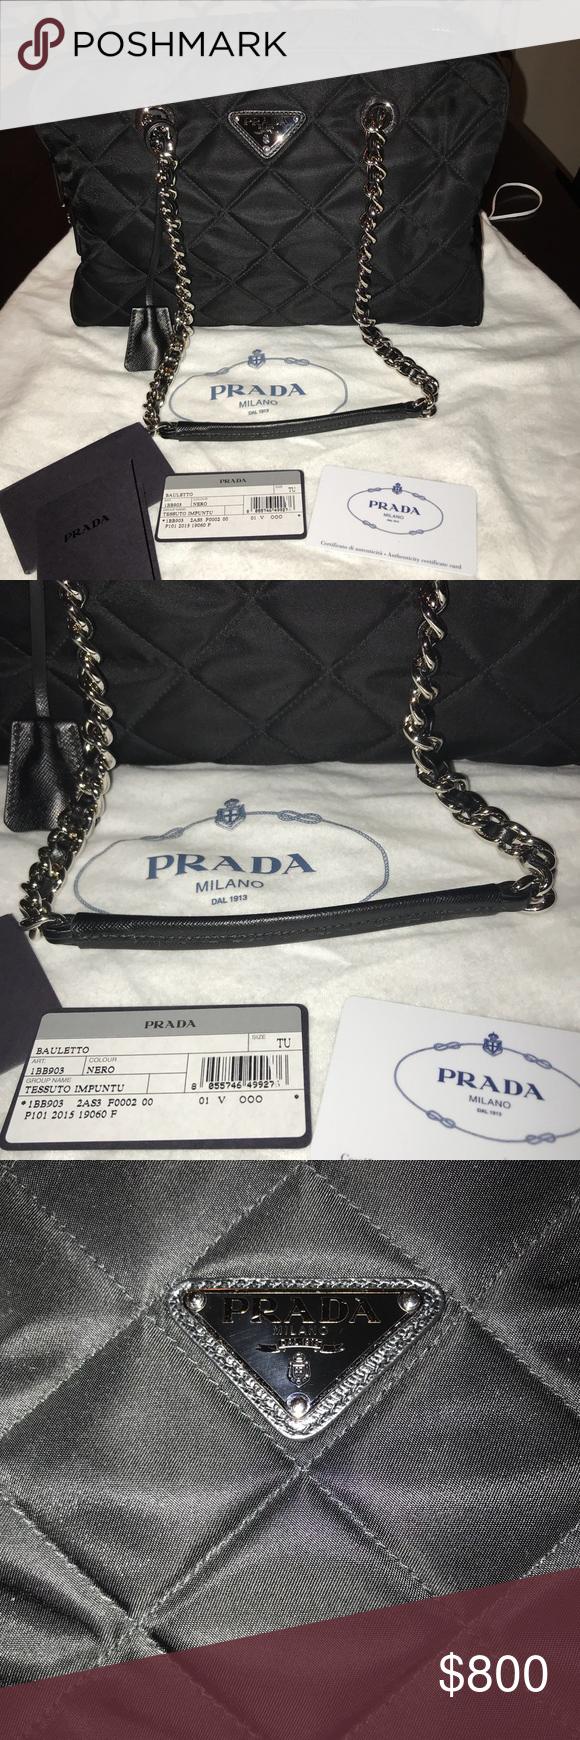 c2ee8ad68d67 💯Authentic Prada Tessuto Impuntu bag 1BB903 Authentic Prada 1BB903 from Prada  Outlet Italy - Shoulder